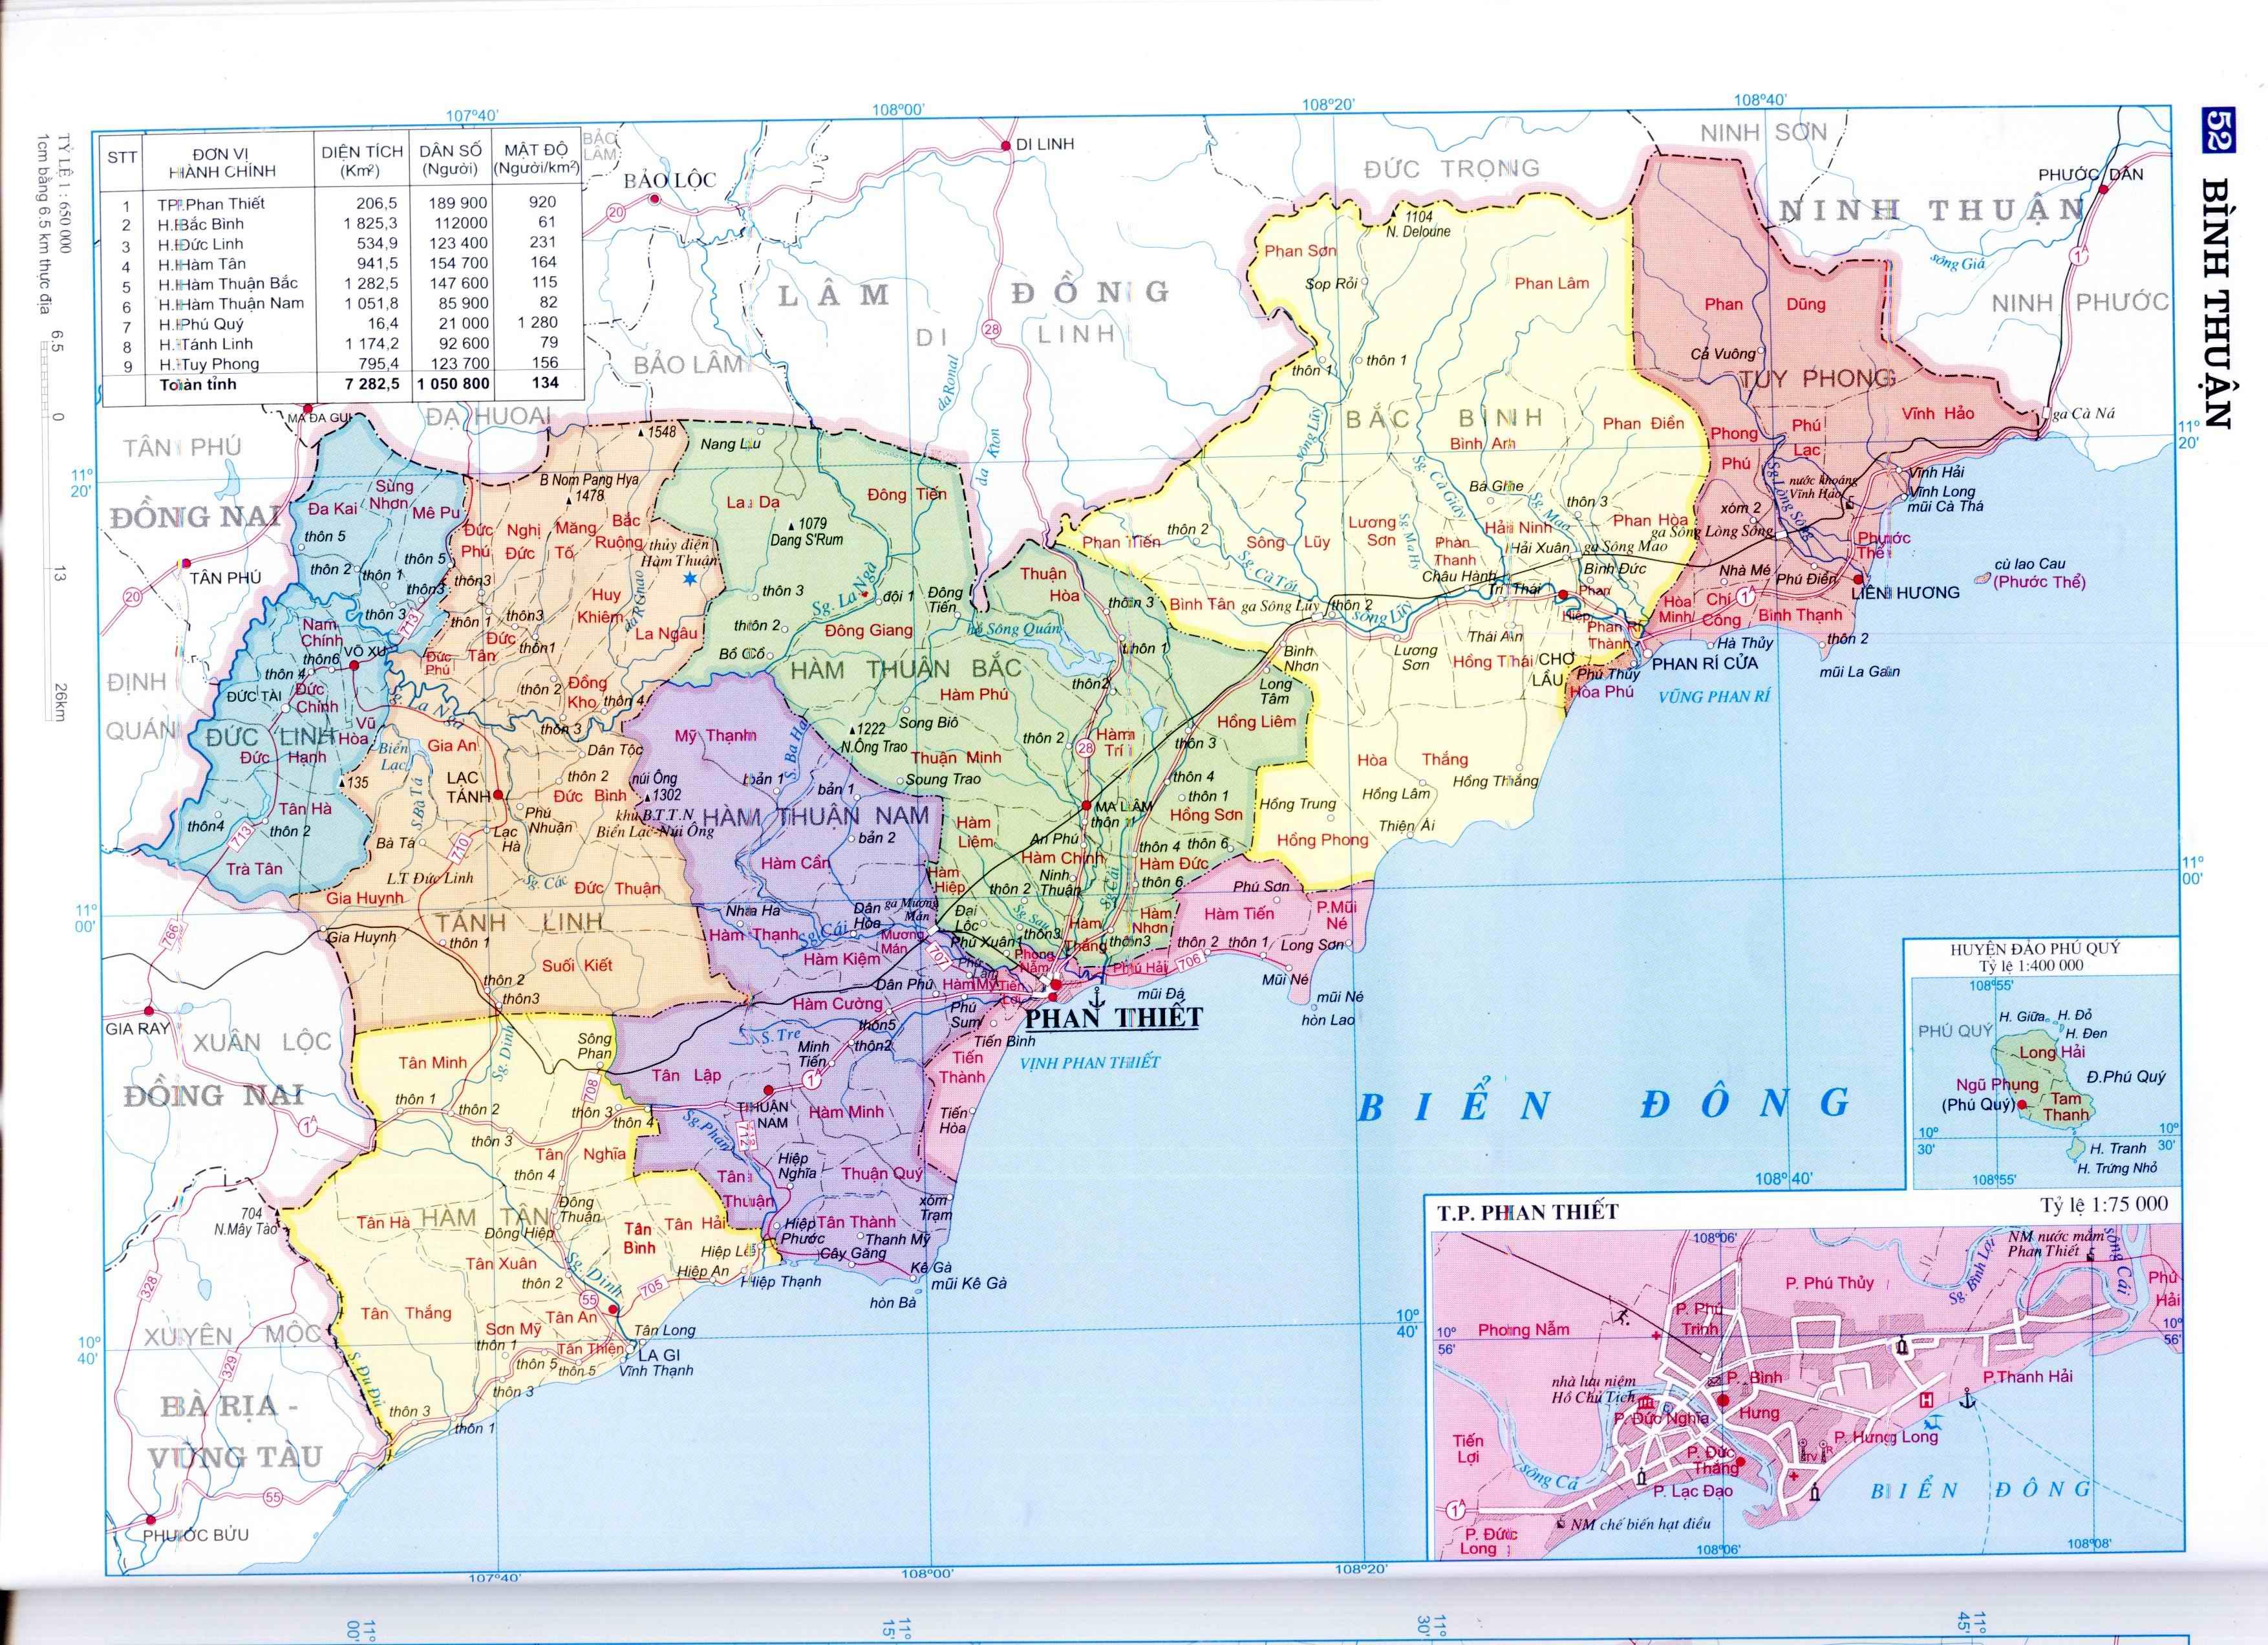 Bản đồ tỉnh Bình Thuận - Vị trí địa lý và các đơn vị hành chính